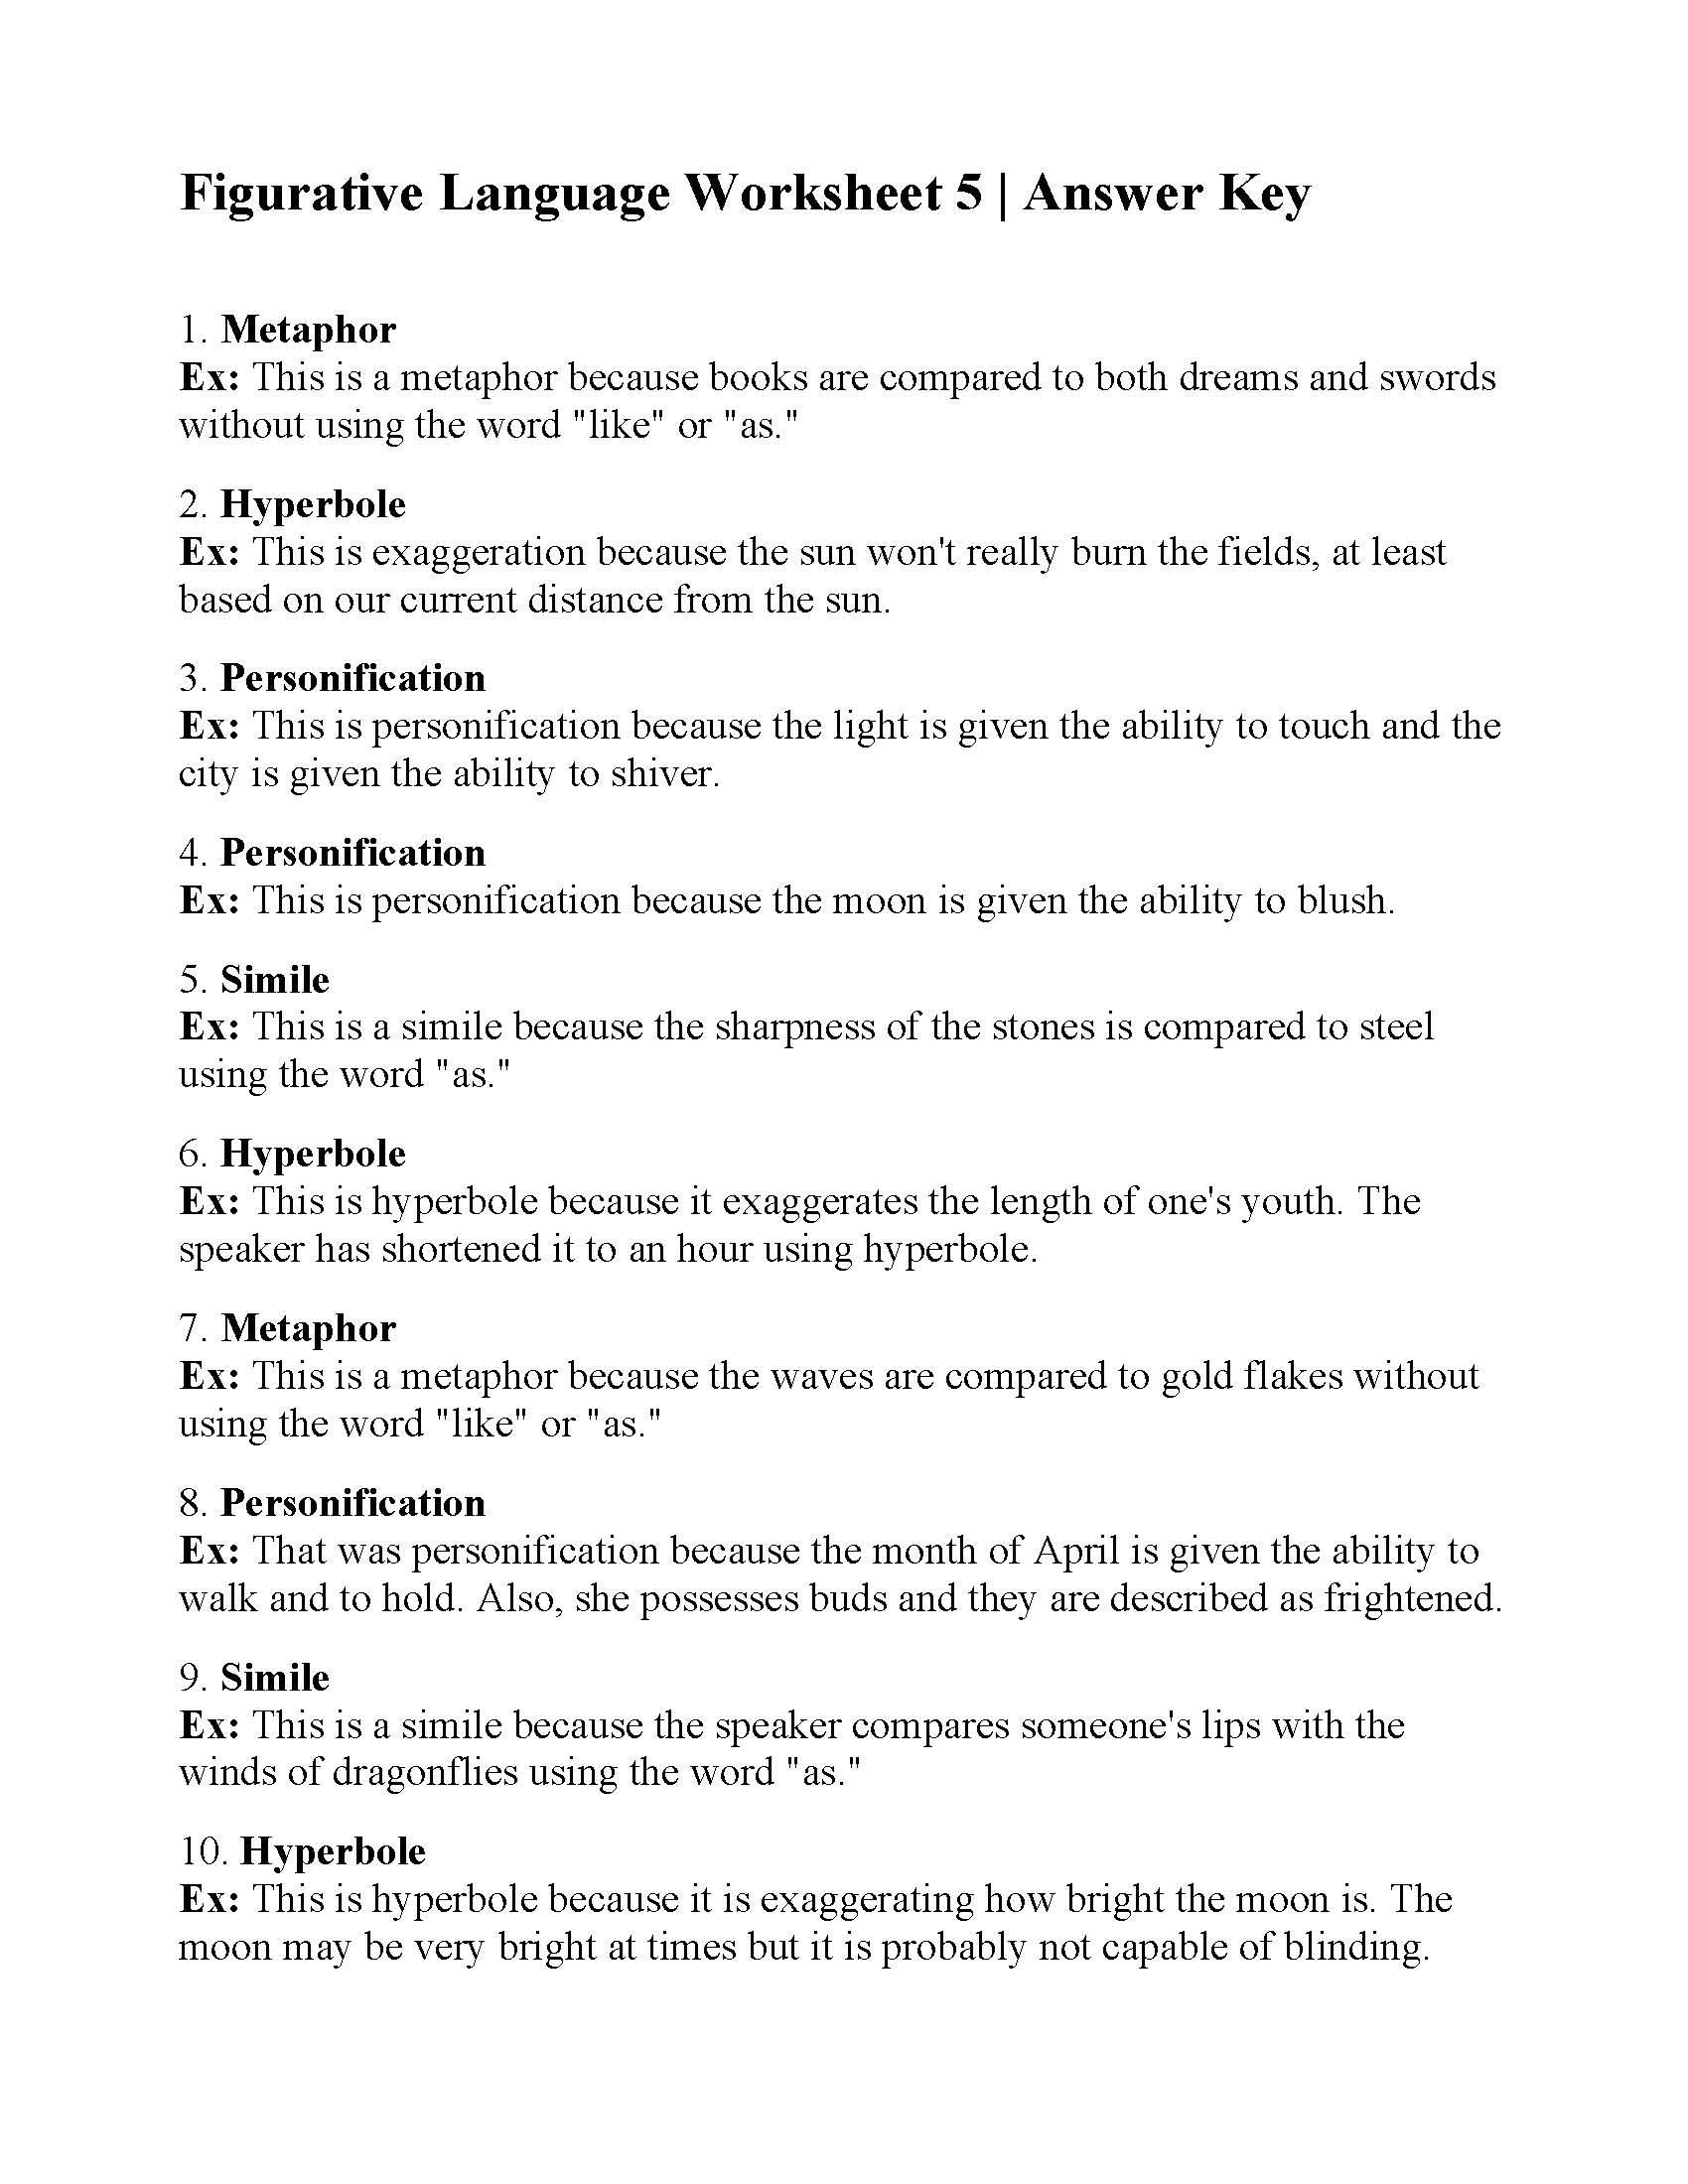 Figurative Language Worksheet Yooob